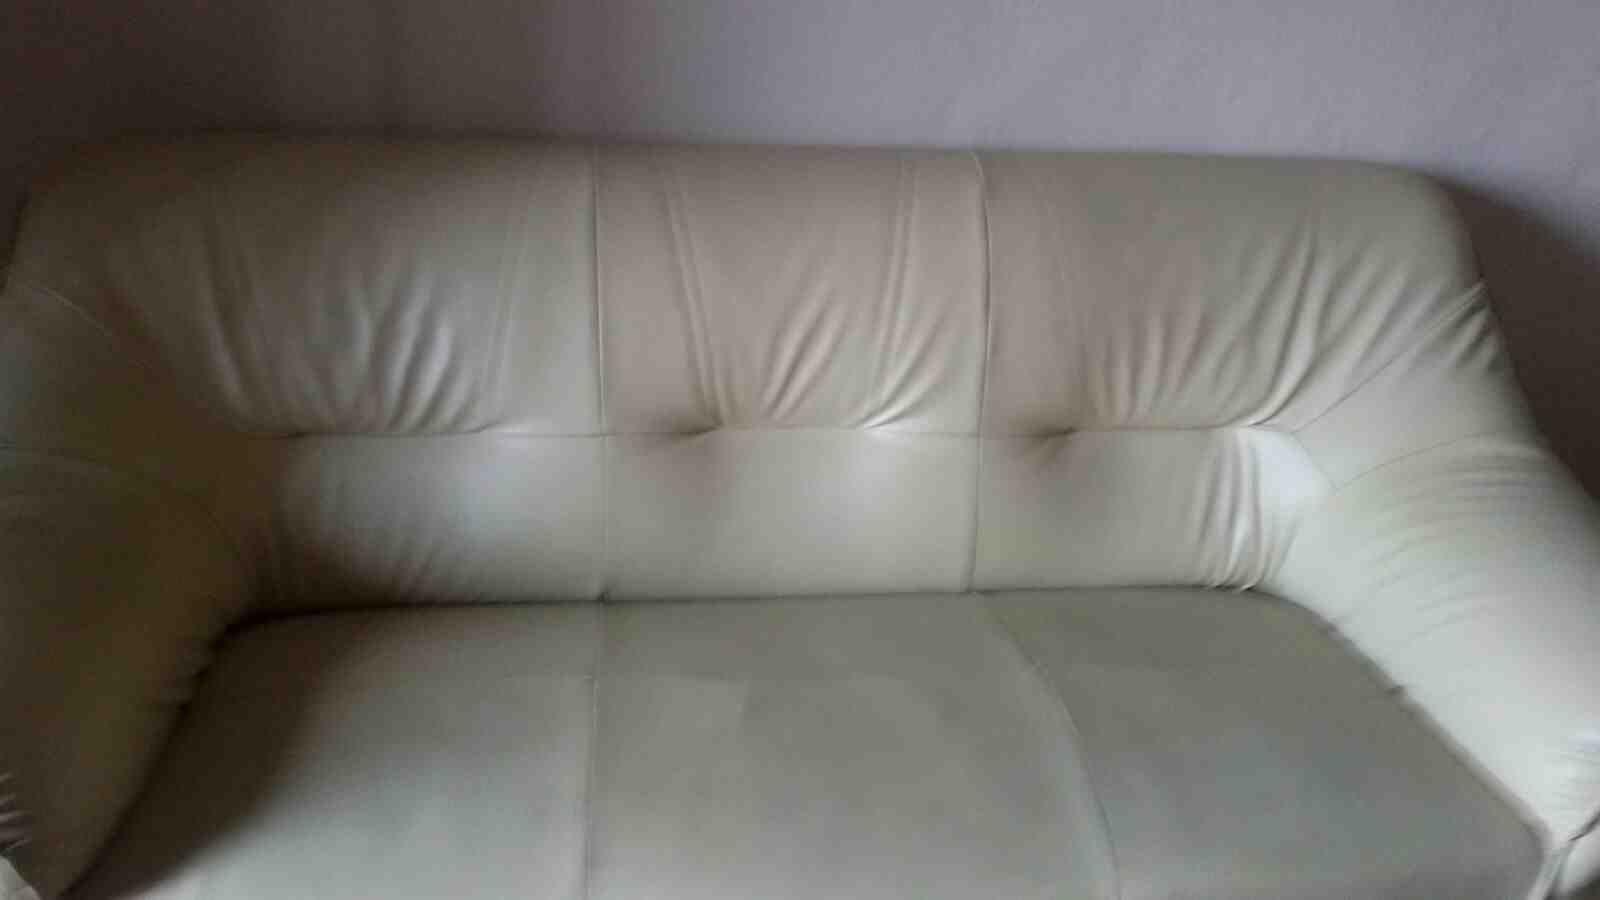 Divano profondo 60 cm birba sofa with divano profondo 60 cm interesting stile caldo muro tv - Divano poco profondo ...